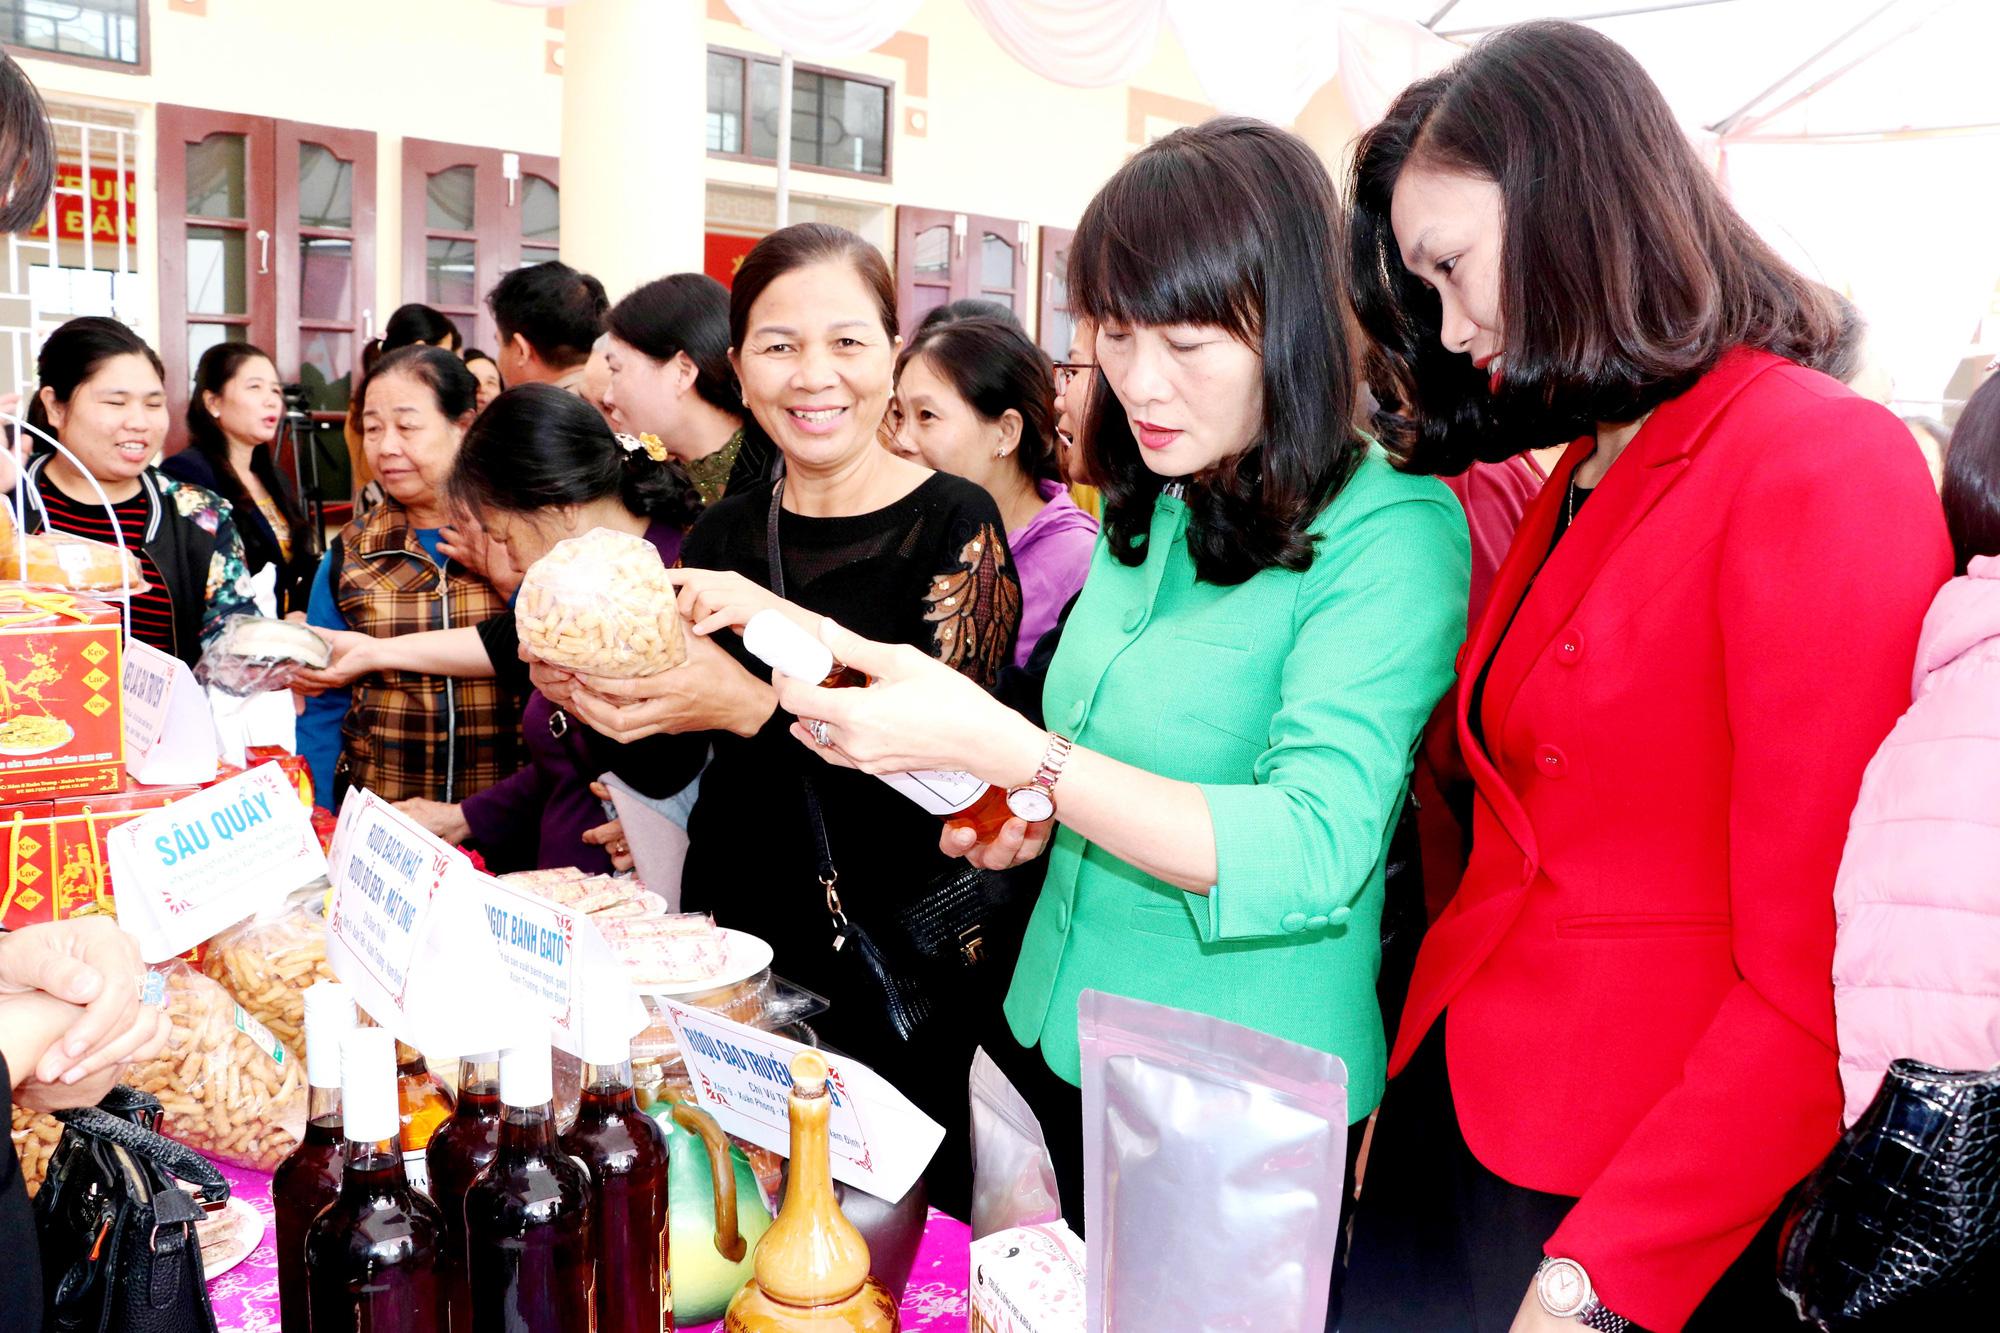 Truyền thông về an toàn vệ sinh thực phẩm cho hội viên phụ nữ Nam Định - Ảnh 2.